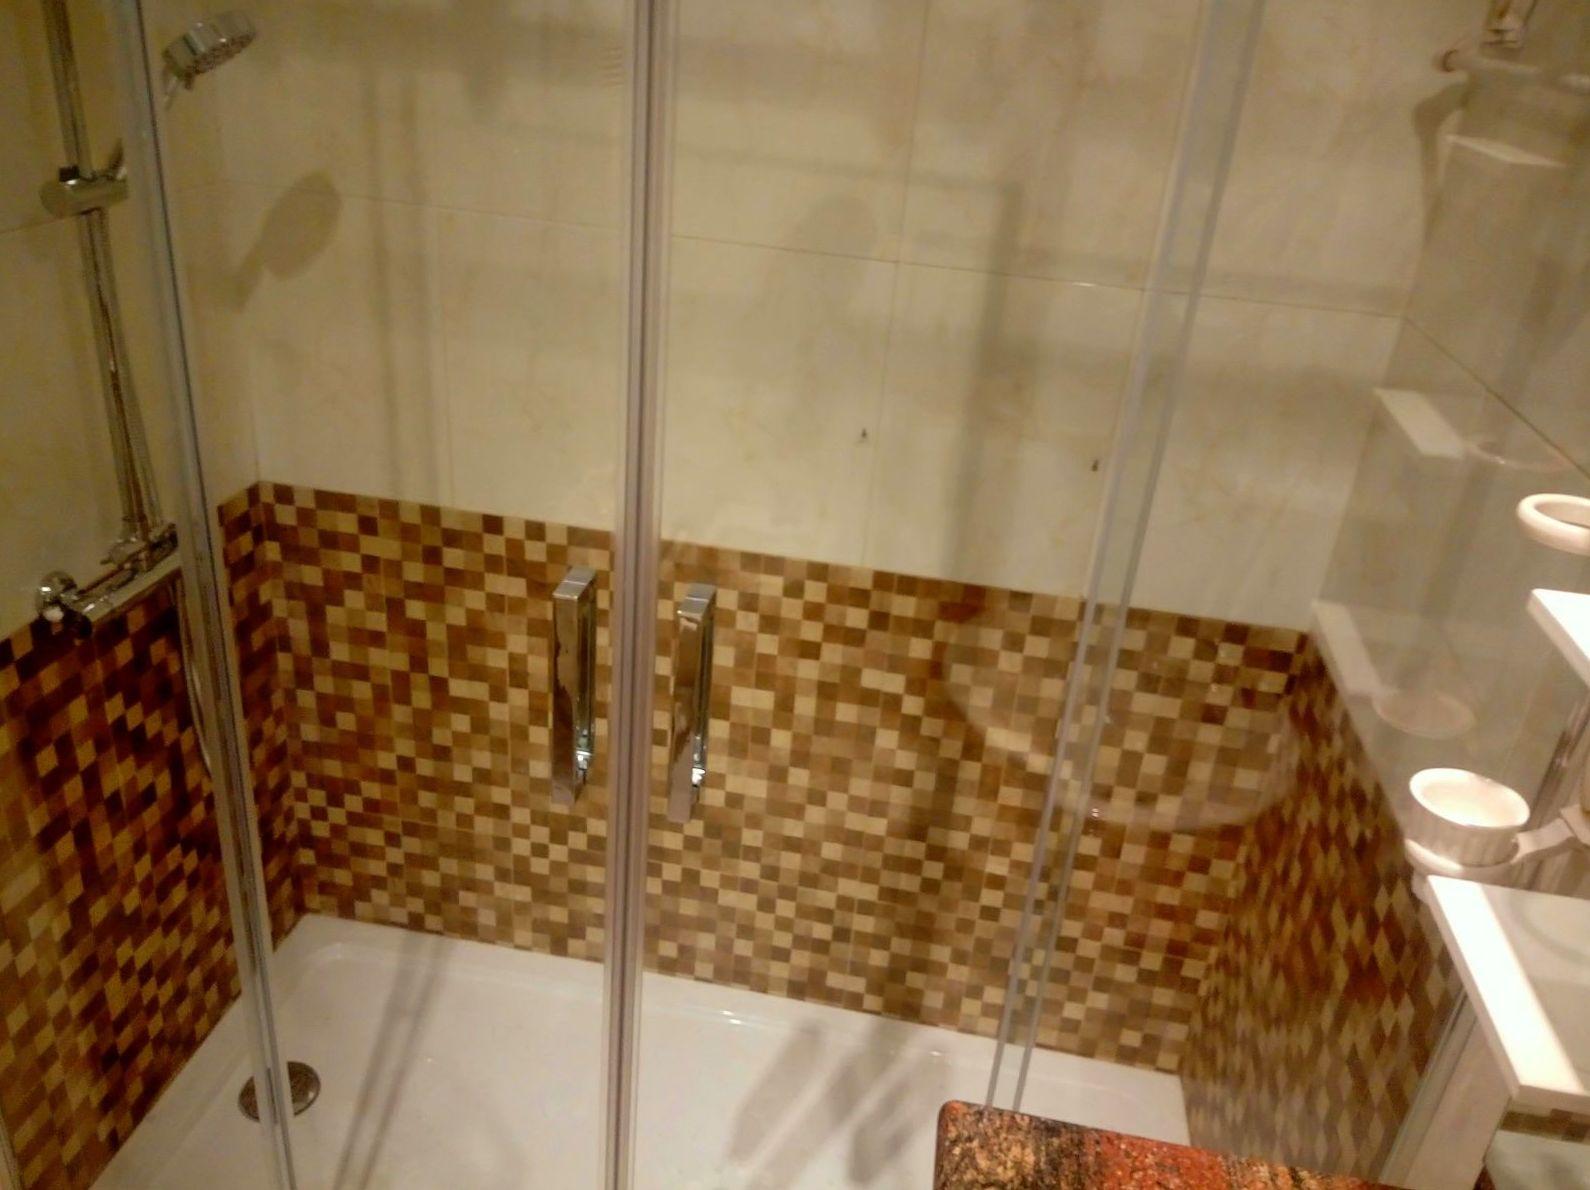 Instalación de Plato de ducha y Mampara.